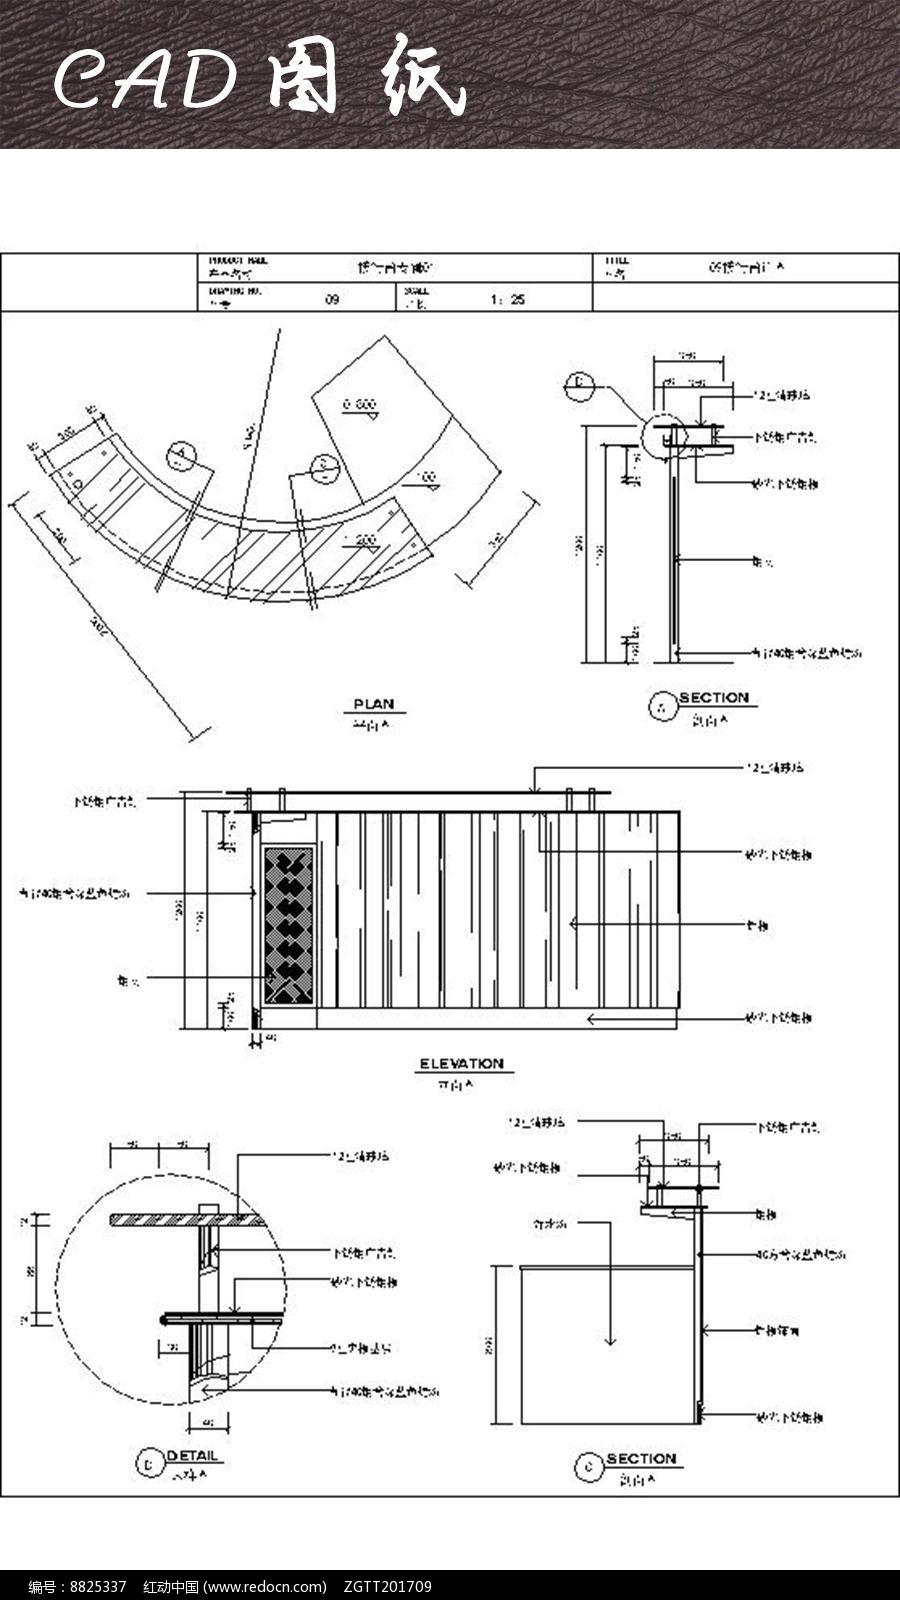 钻床前台柜台CAD素材下载_室内装修设计图片z35电气摇臂cad弧形v钻床图图片